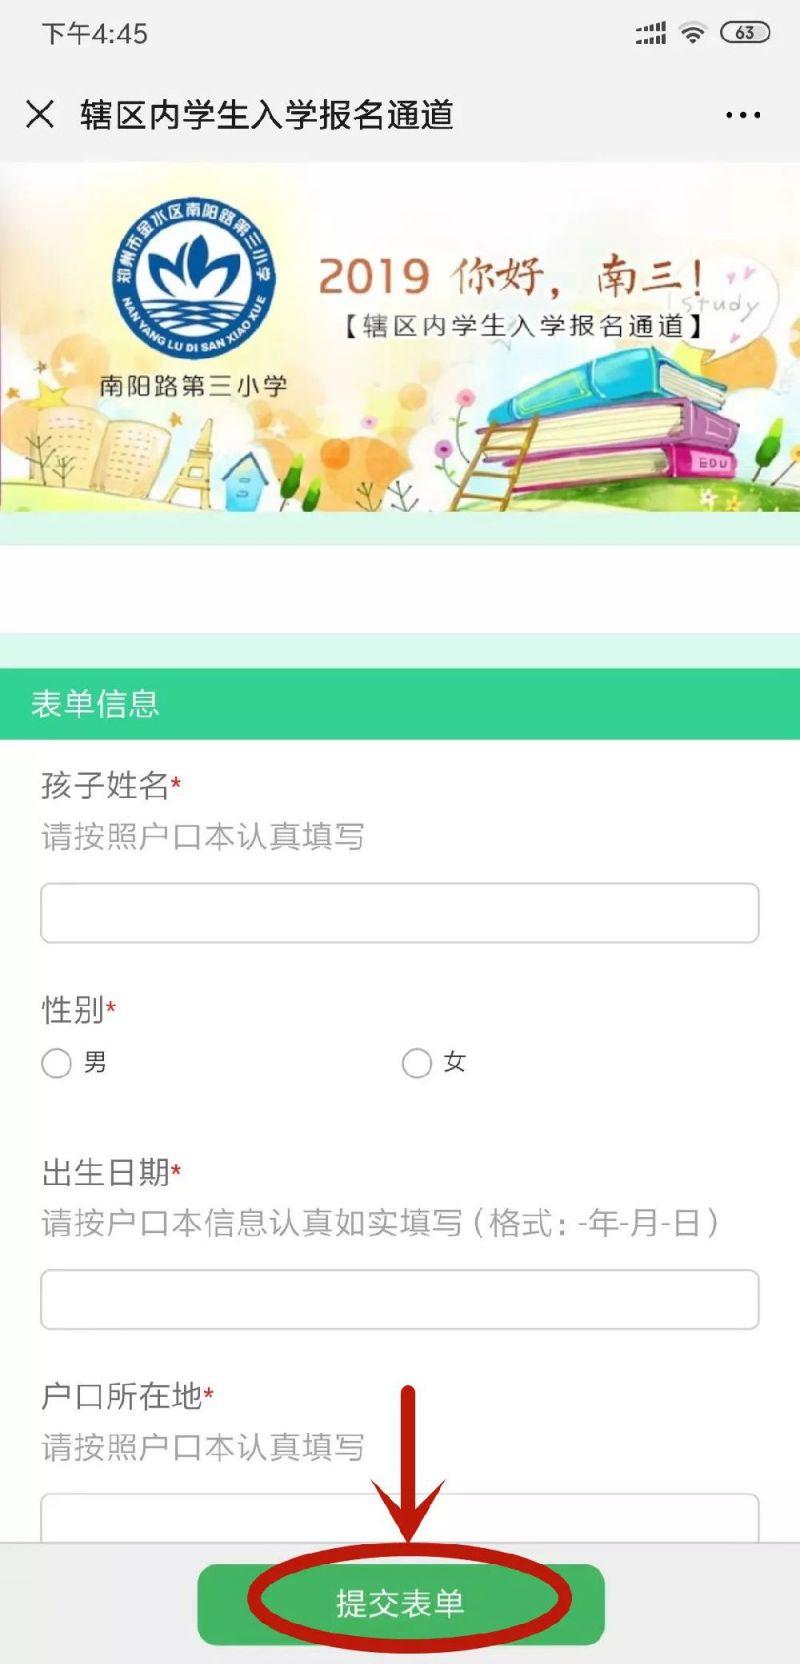 2019郑州金水区南阳路第三小学报名(划片 时间 材料)